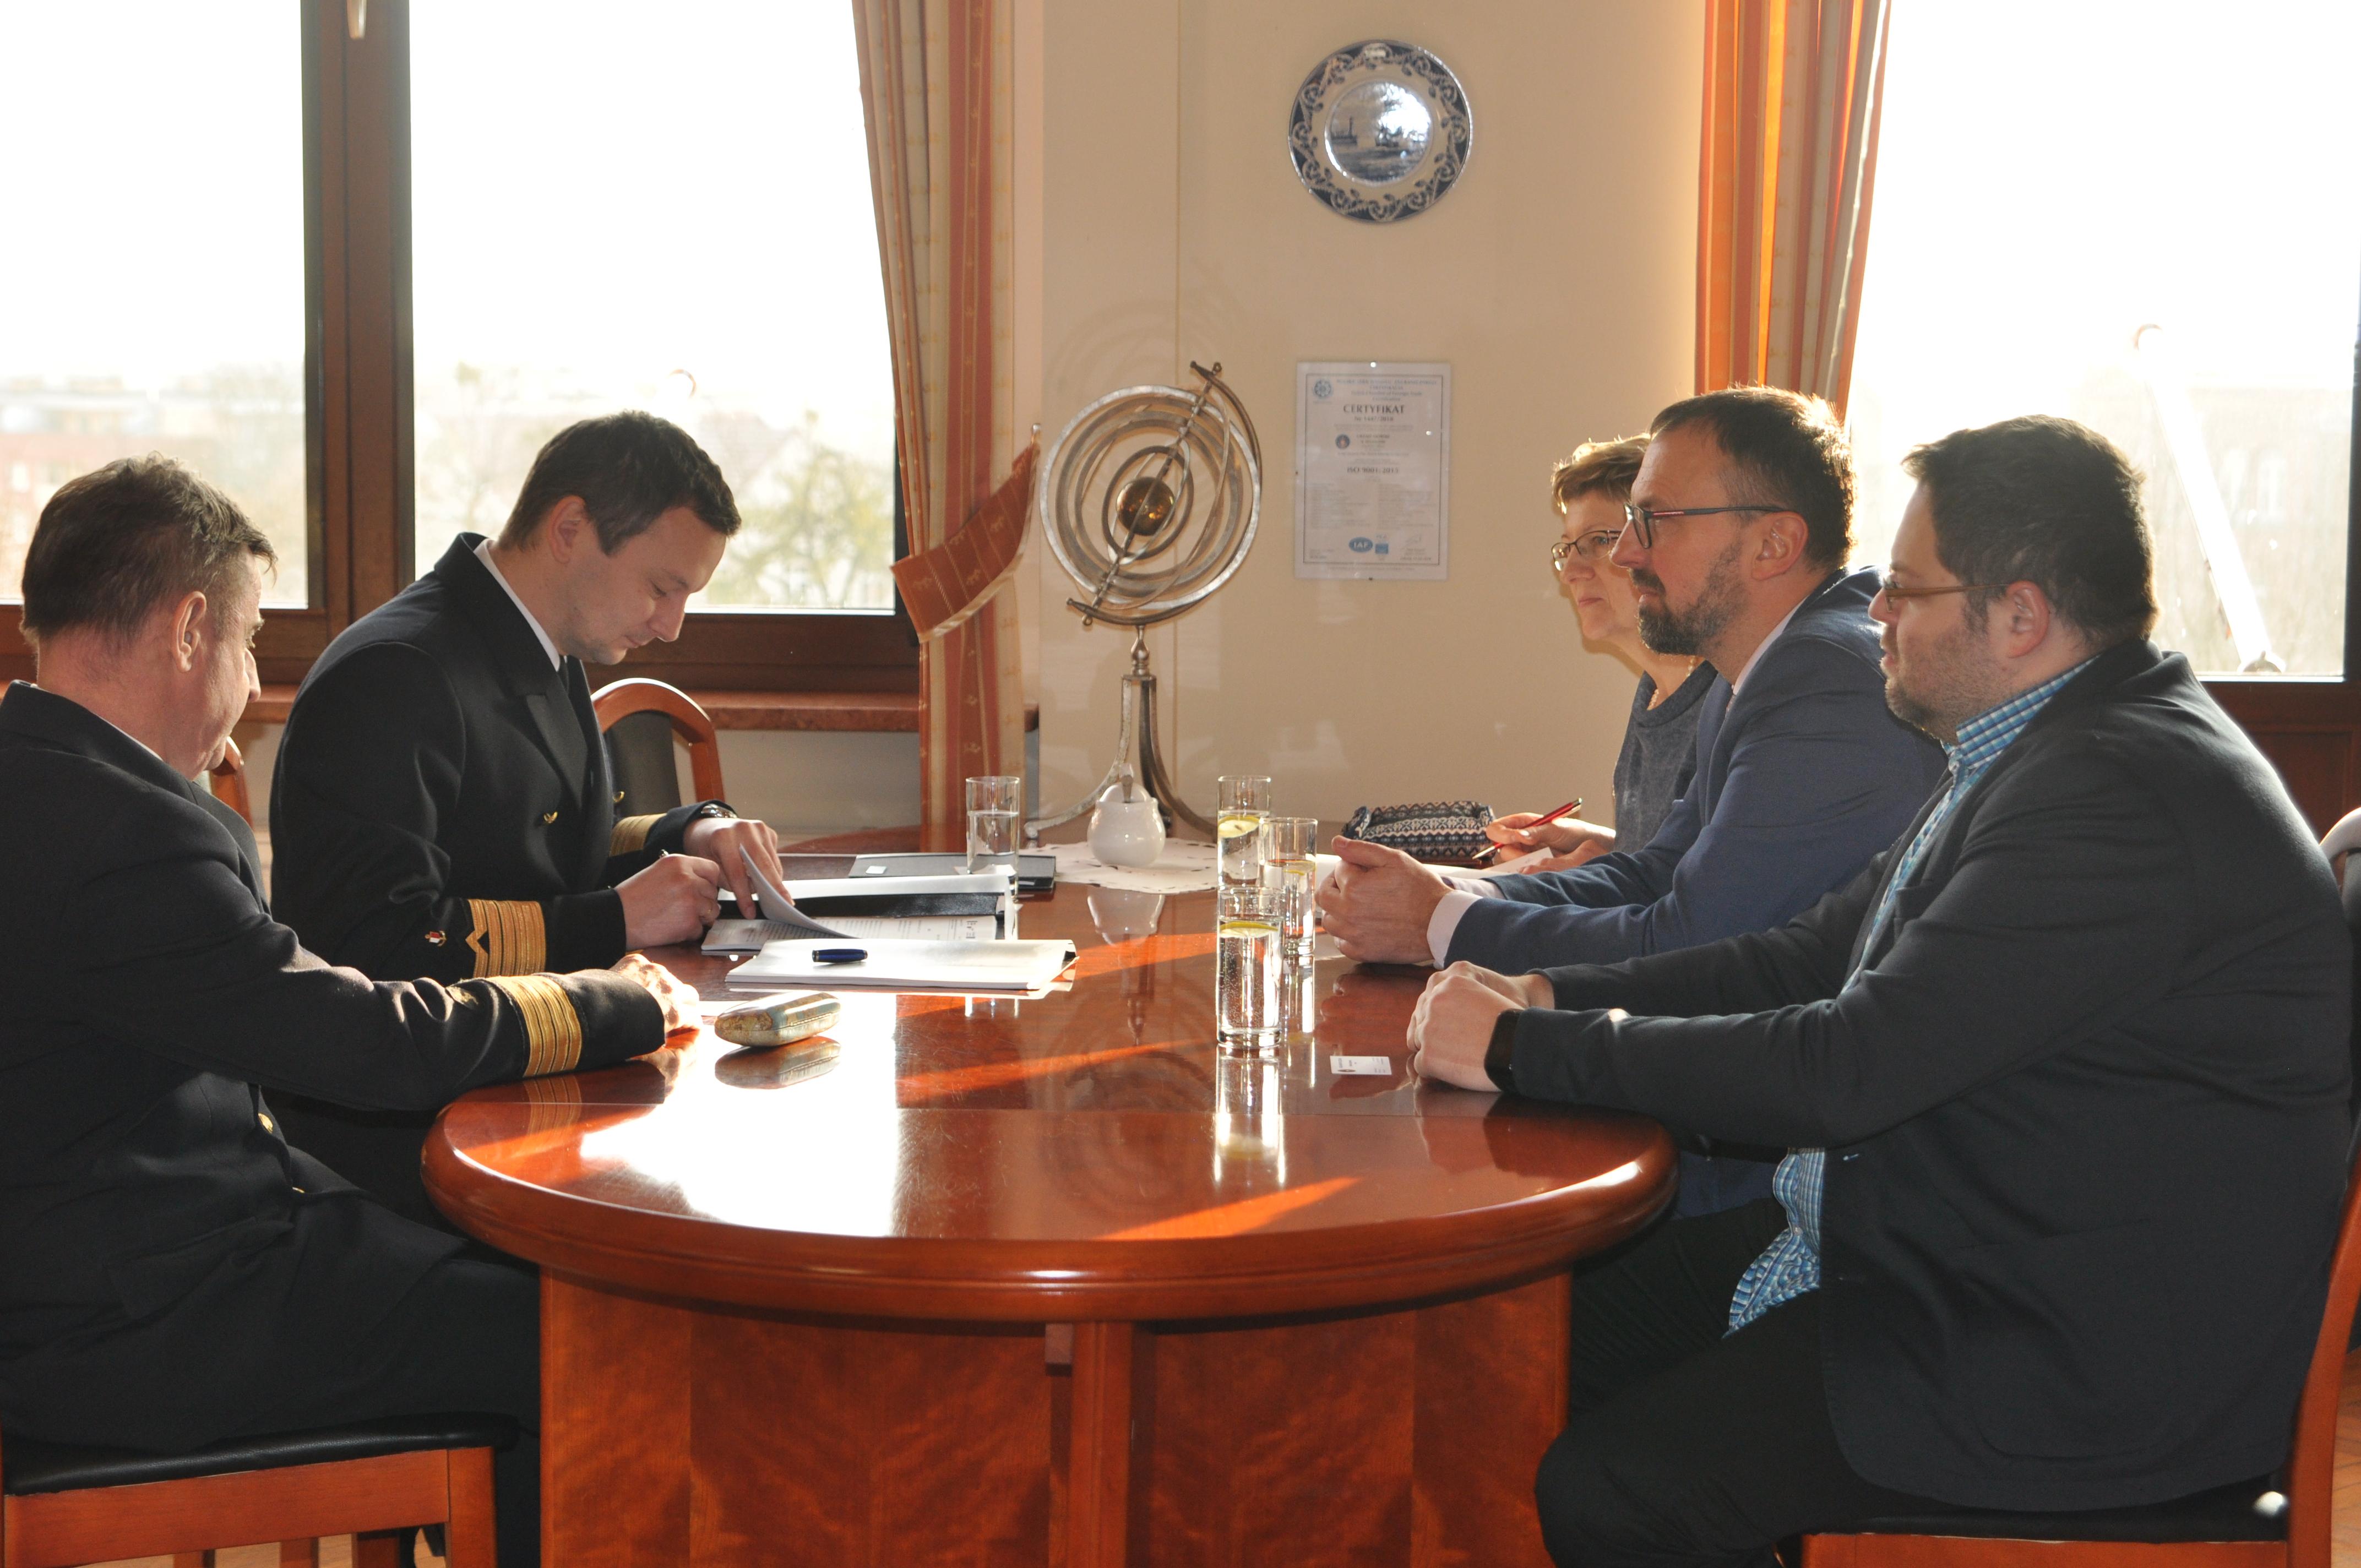 Obecnie rejestry jednostek są prowadzone przez kilka podmiotów, w tym Polski Związek Żeglarski, Polski Związek Motorowodny i Narciarstwa Wodnego, a także starostów, izby morskie i urzędy morskie (fot. ums.gov.pl)